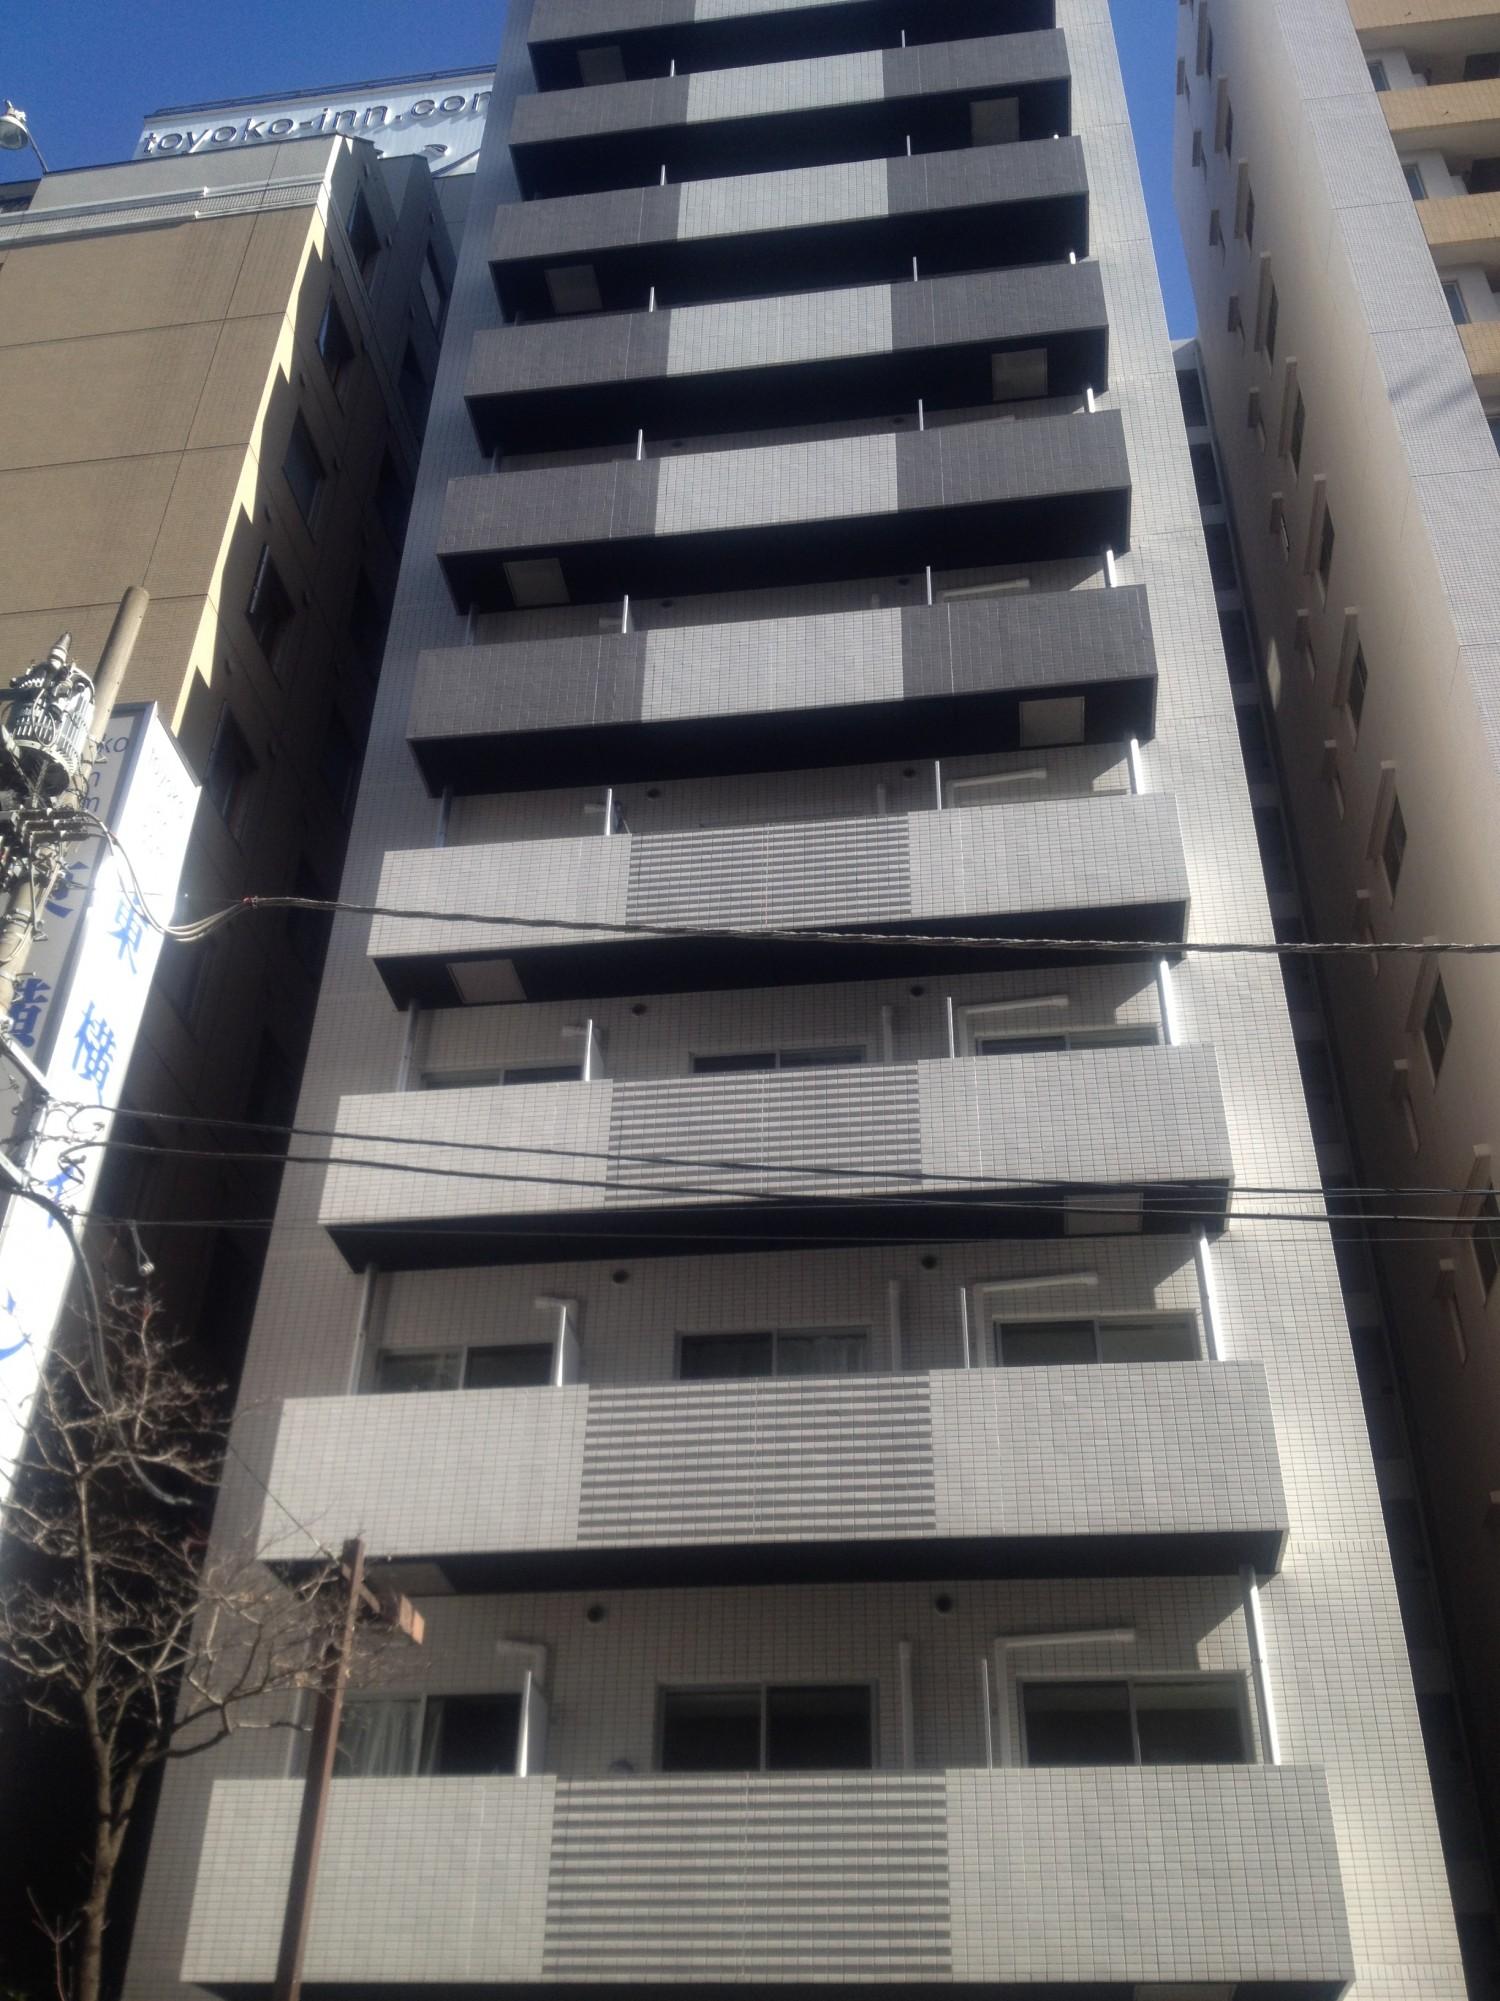 商業地に建つワンルームマンション55戸